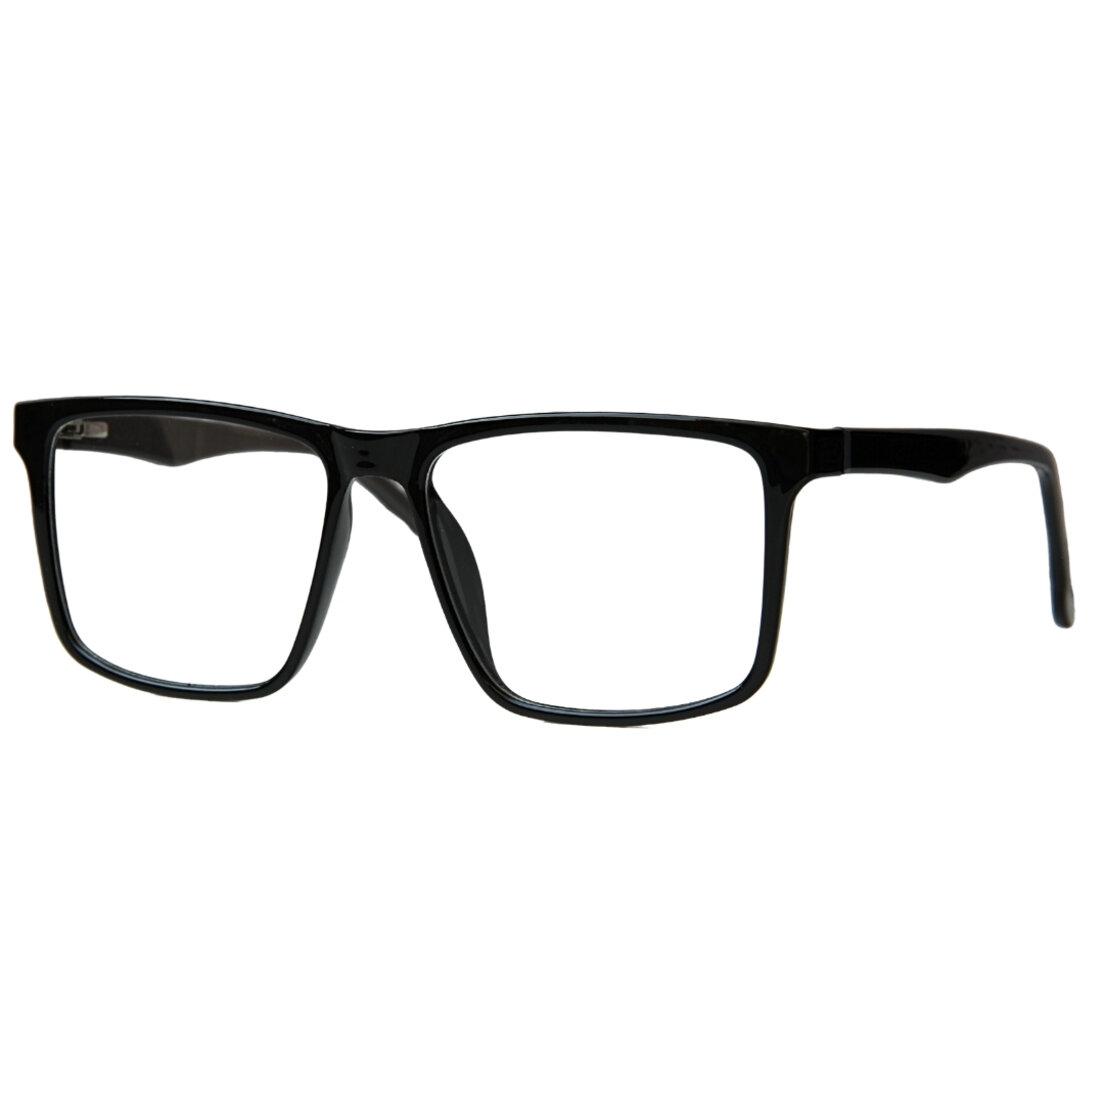 Óculos de Sol Khatto Clip On Square Black  Polarizado - C106